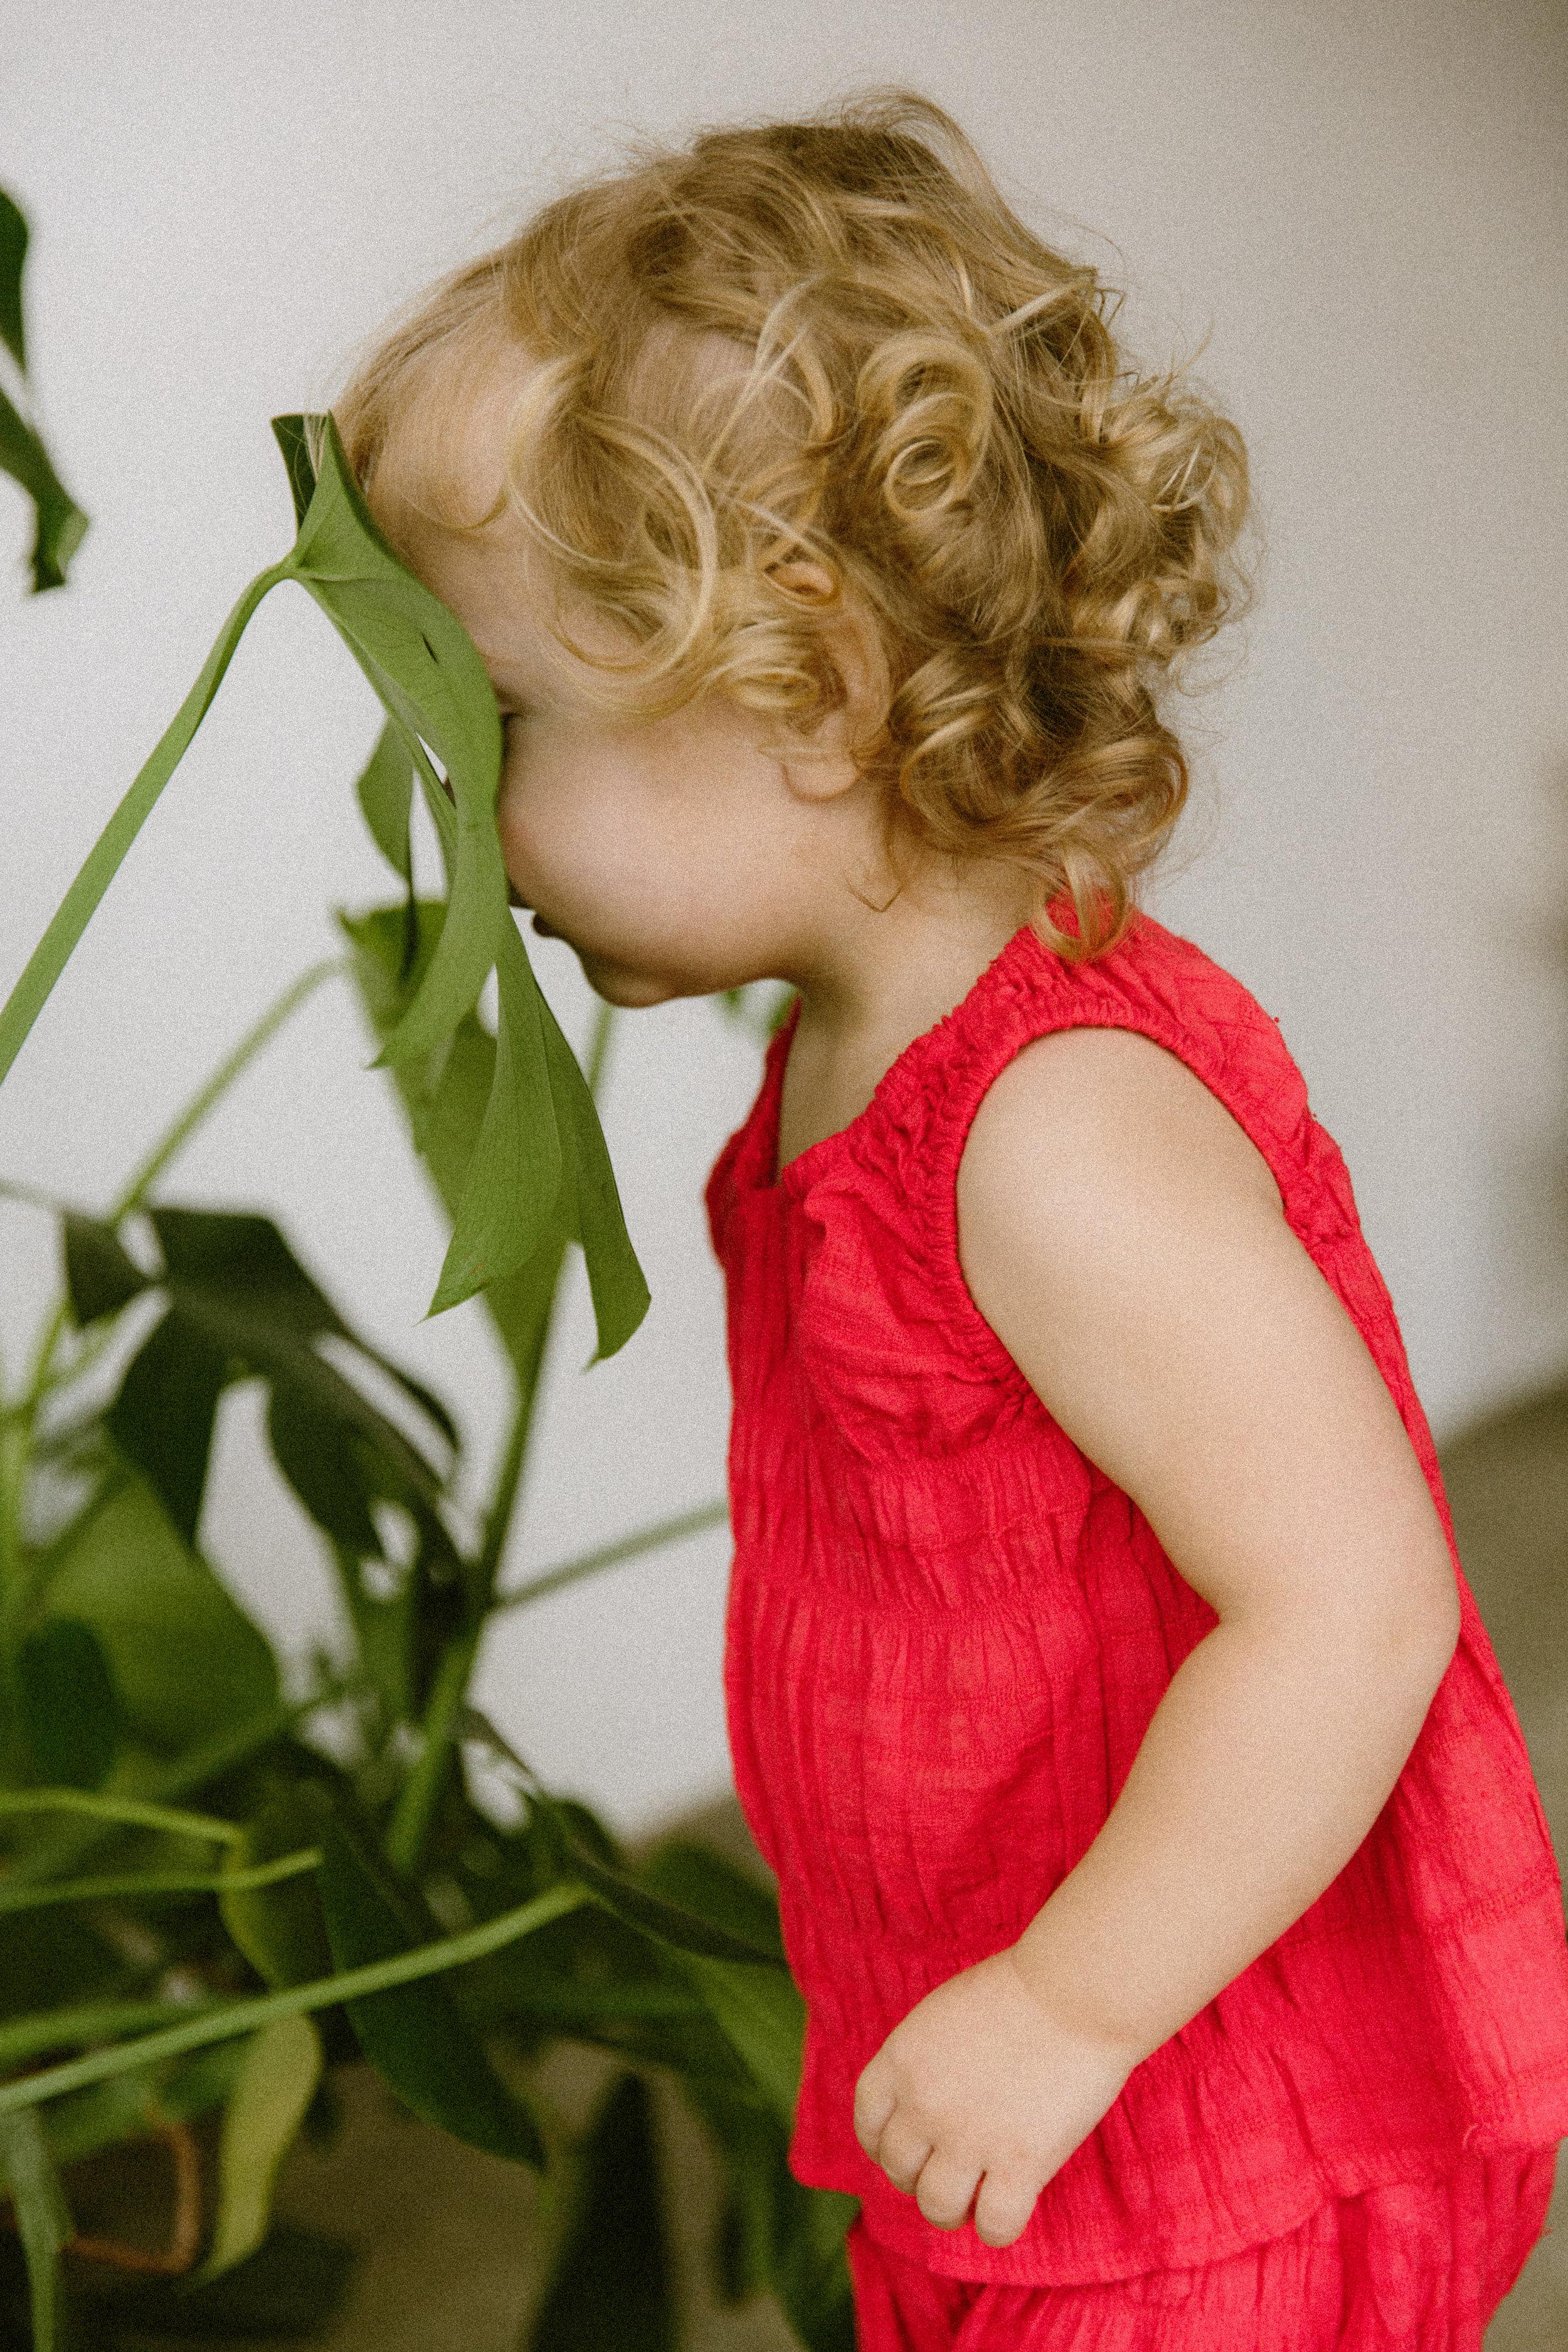 boyandgirl_spring19-513.jpg